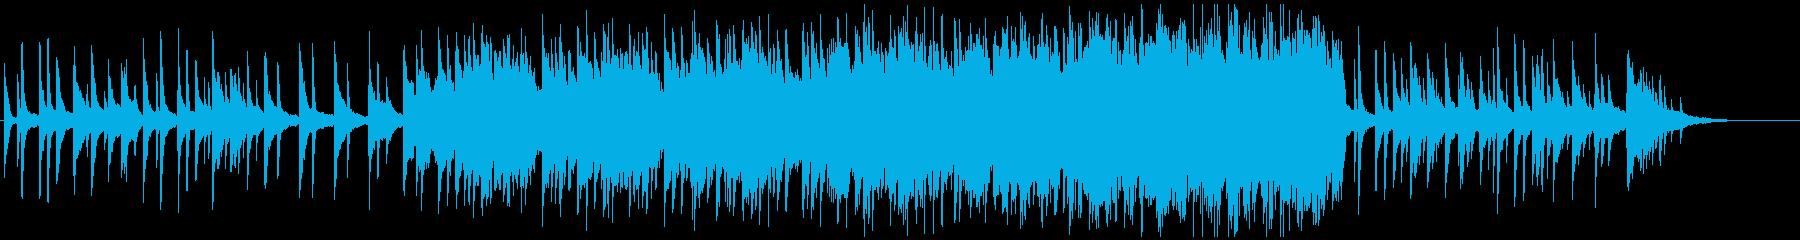 ピアノの旋律が印象に残るバラードの再生済みの波形